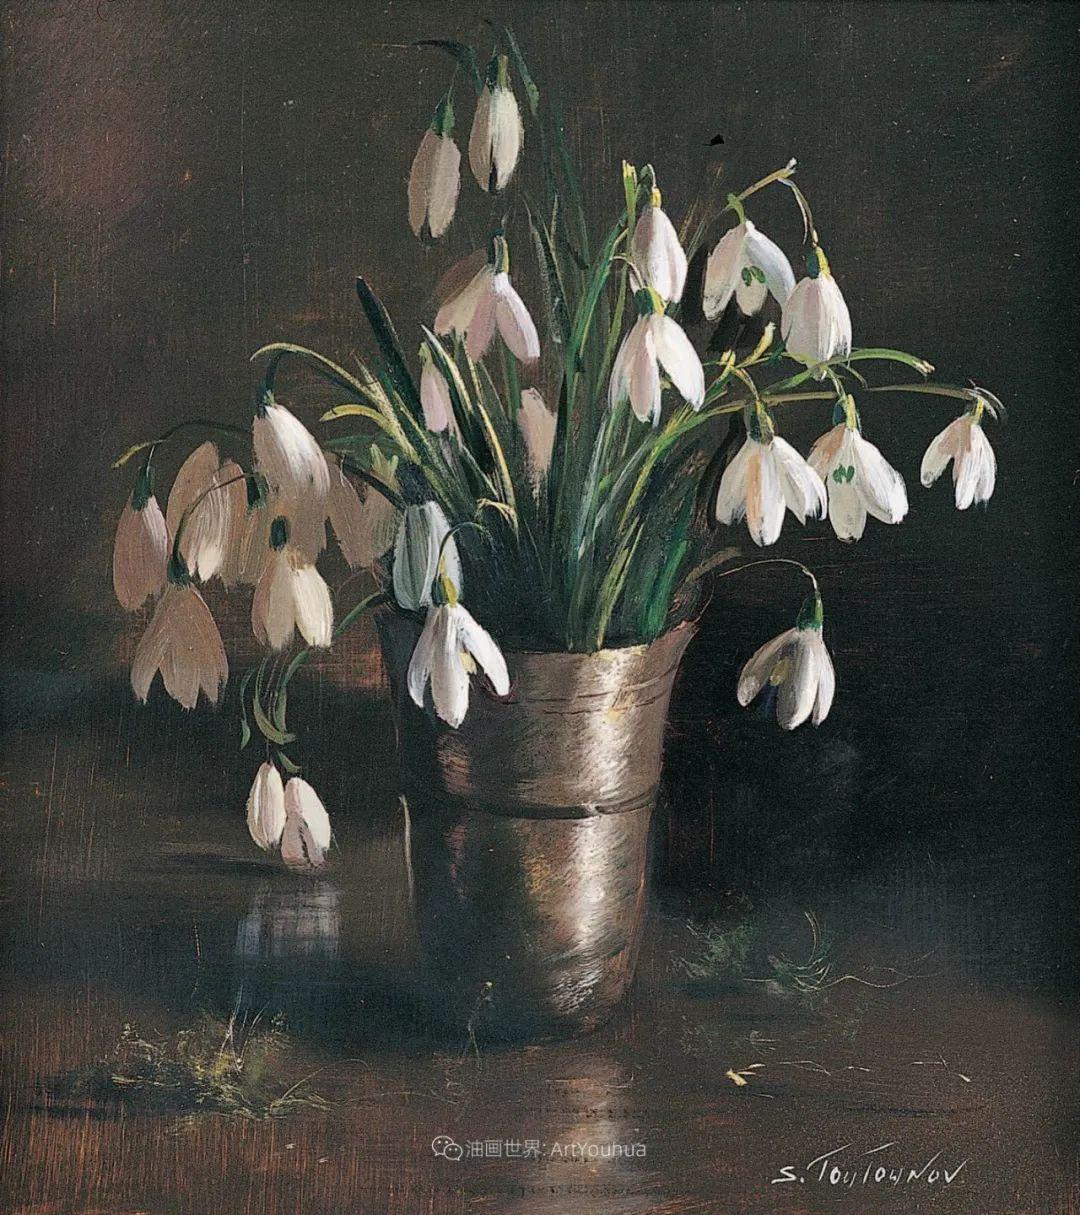 花香袭人,绚丽多彩!俄罗斯画家谢尔盖·图图诺夫插图49